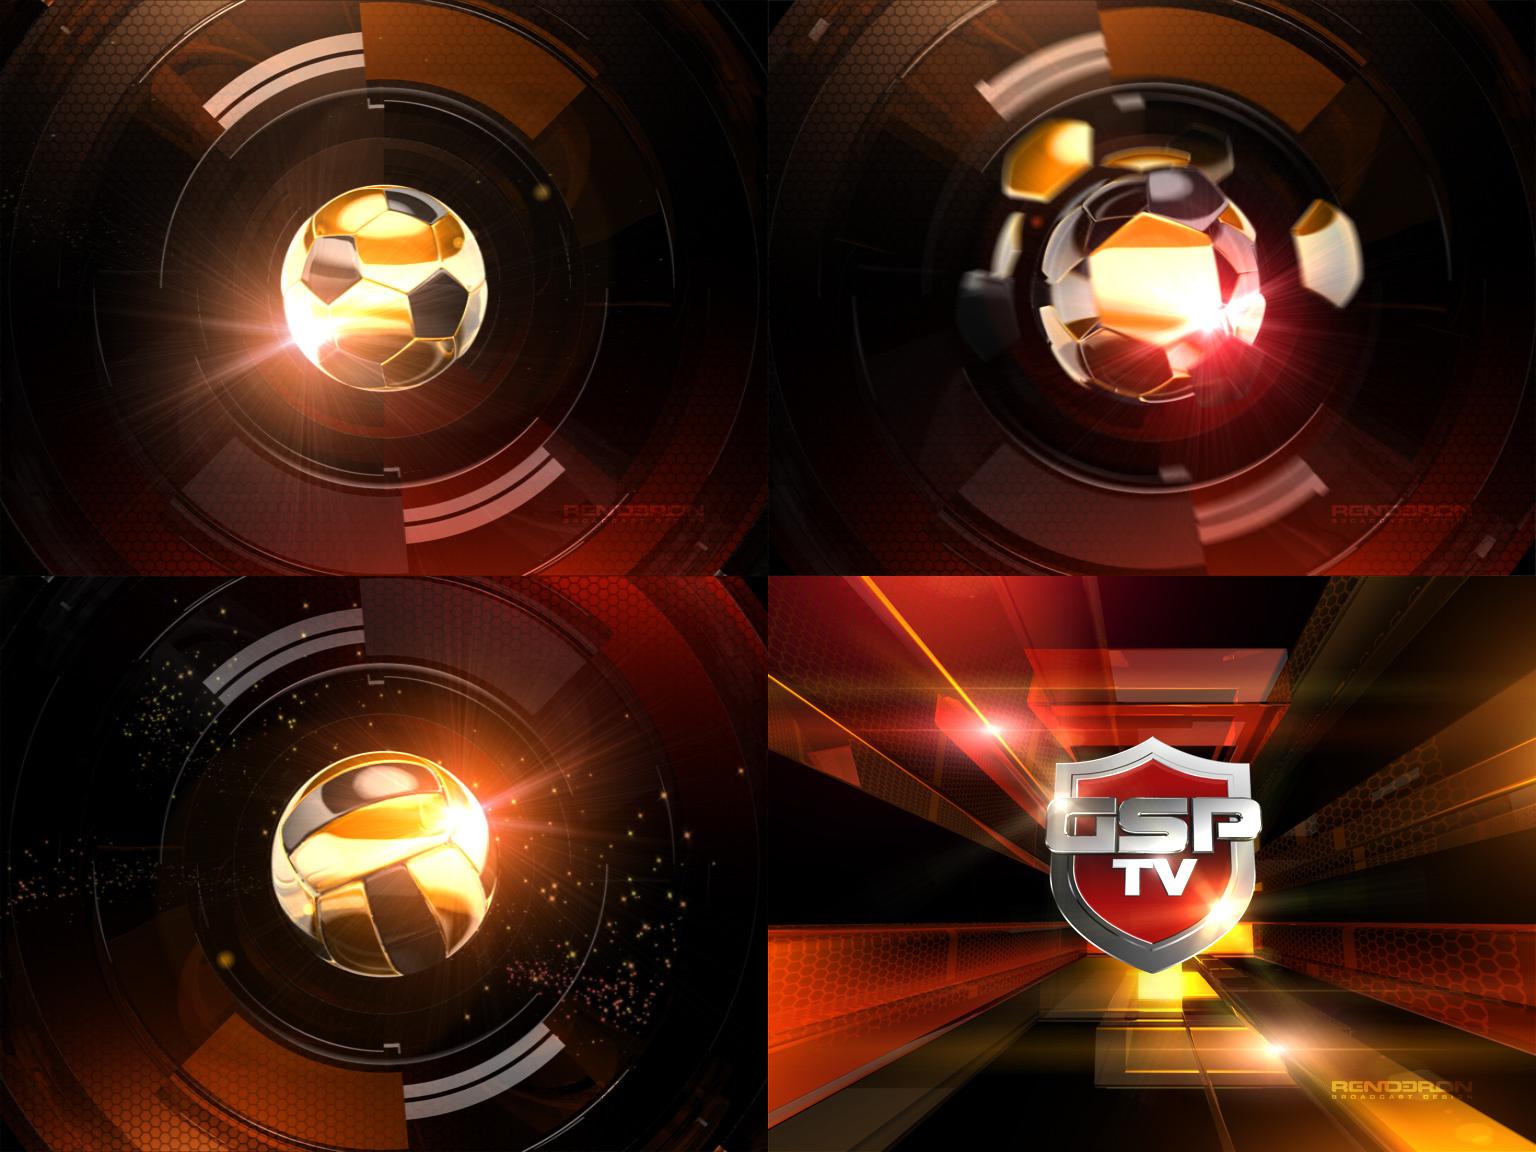 broadcast_design.jpg